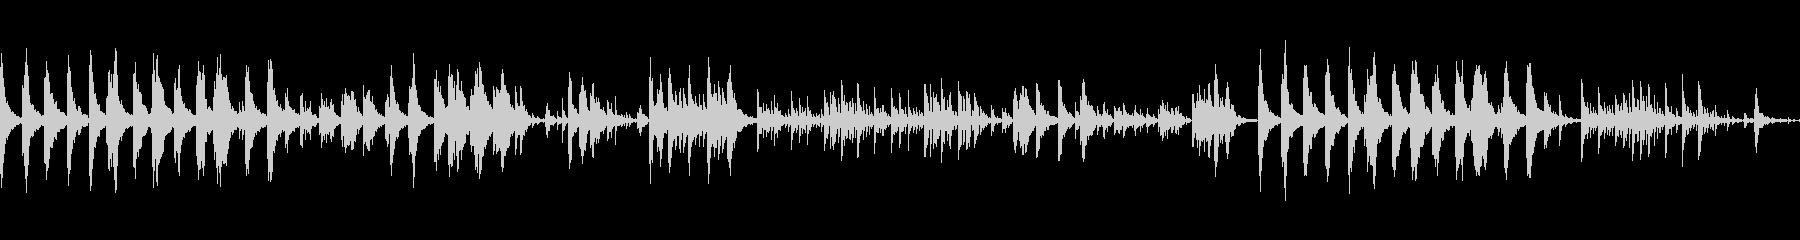 涼しげなピアノトラックの未再生の波形